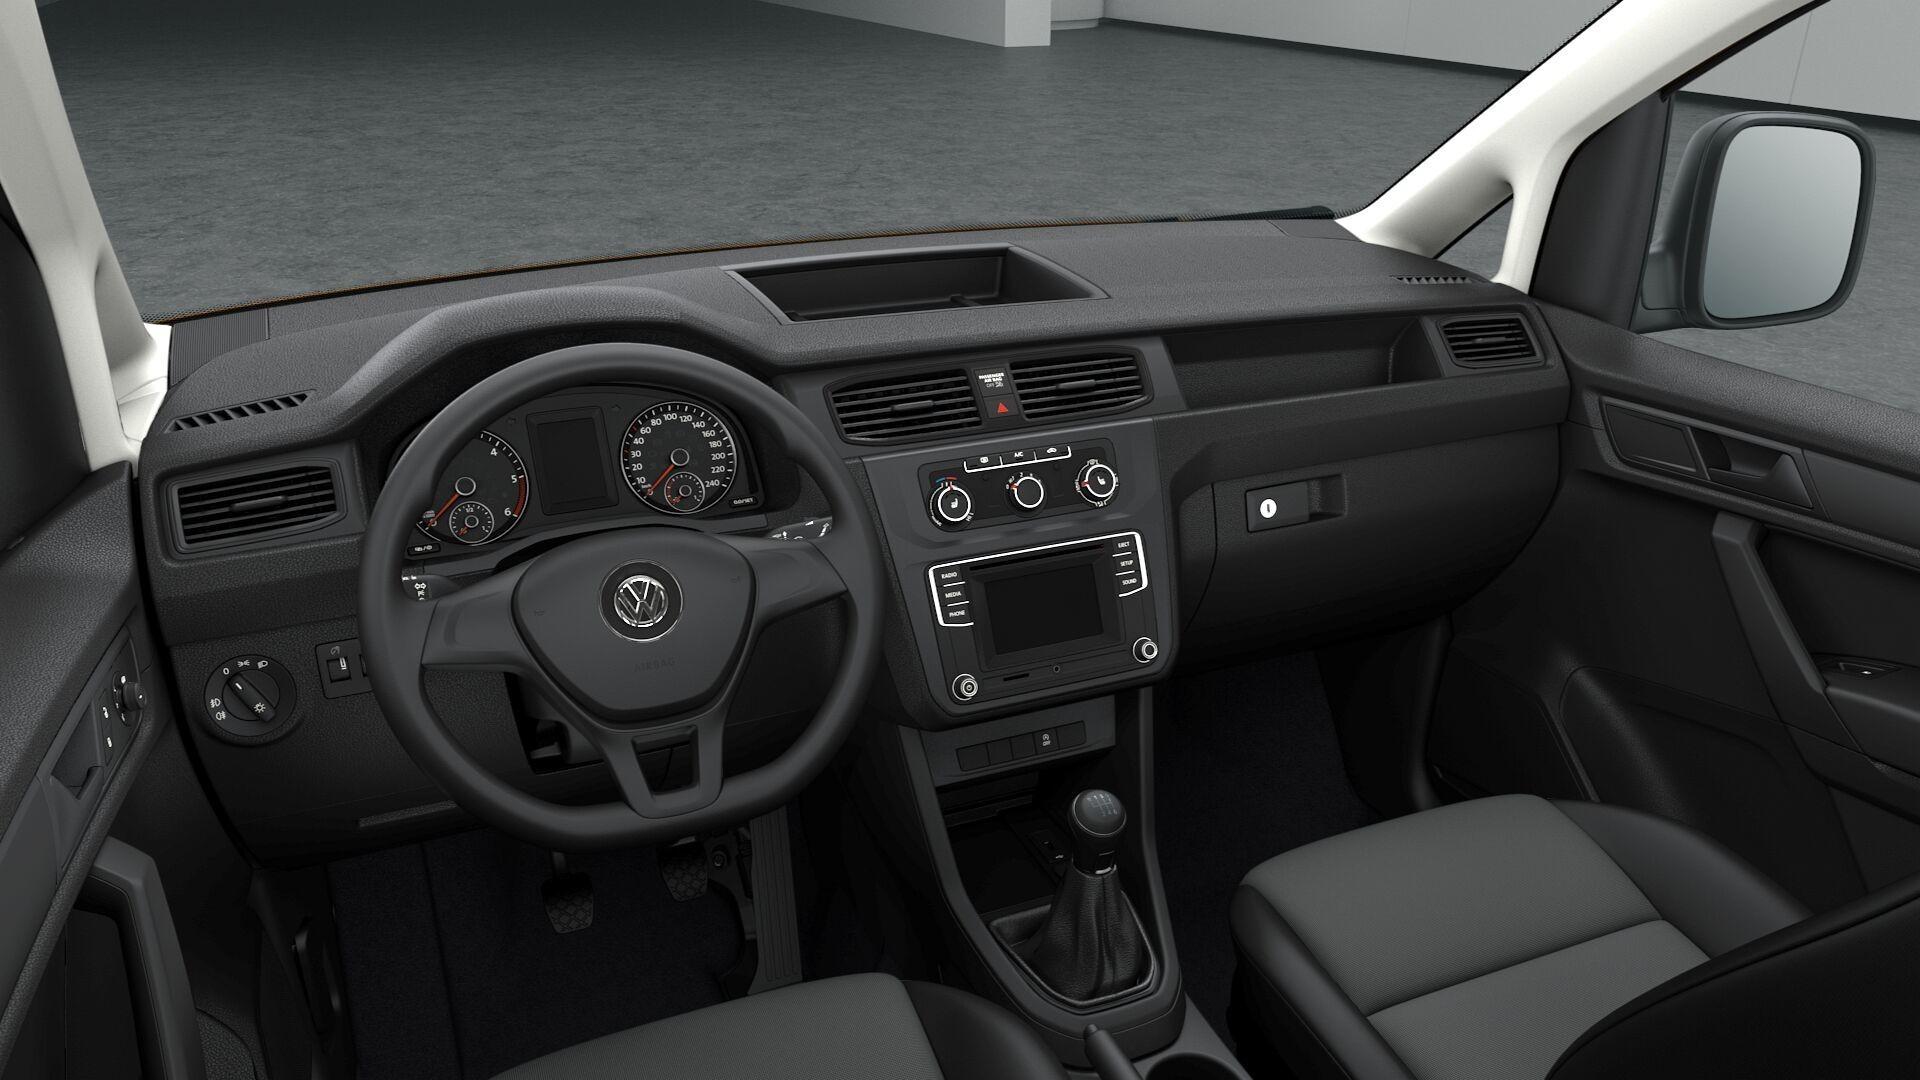 Oferta Volkswagen Caddy Gnc 6